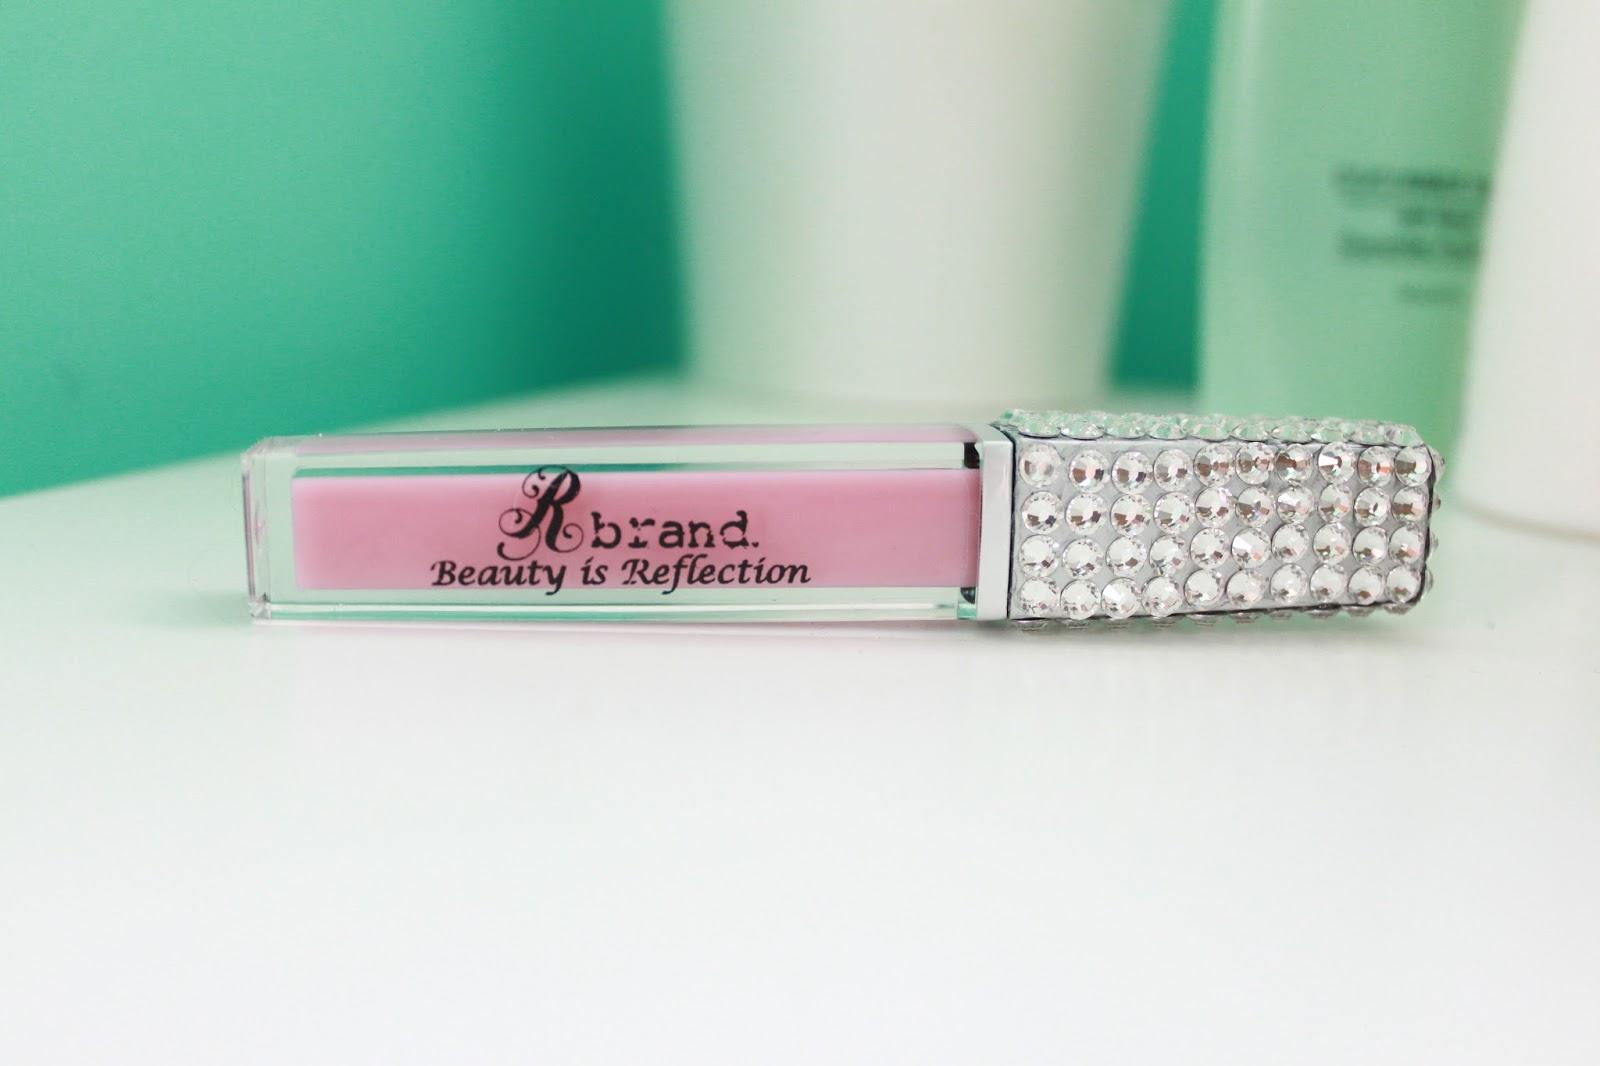 RBrand Lipgloss